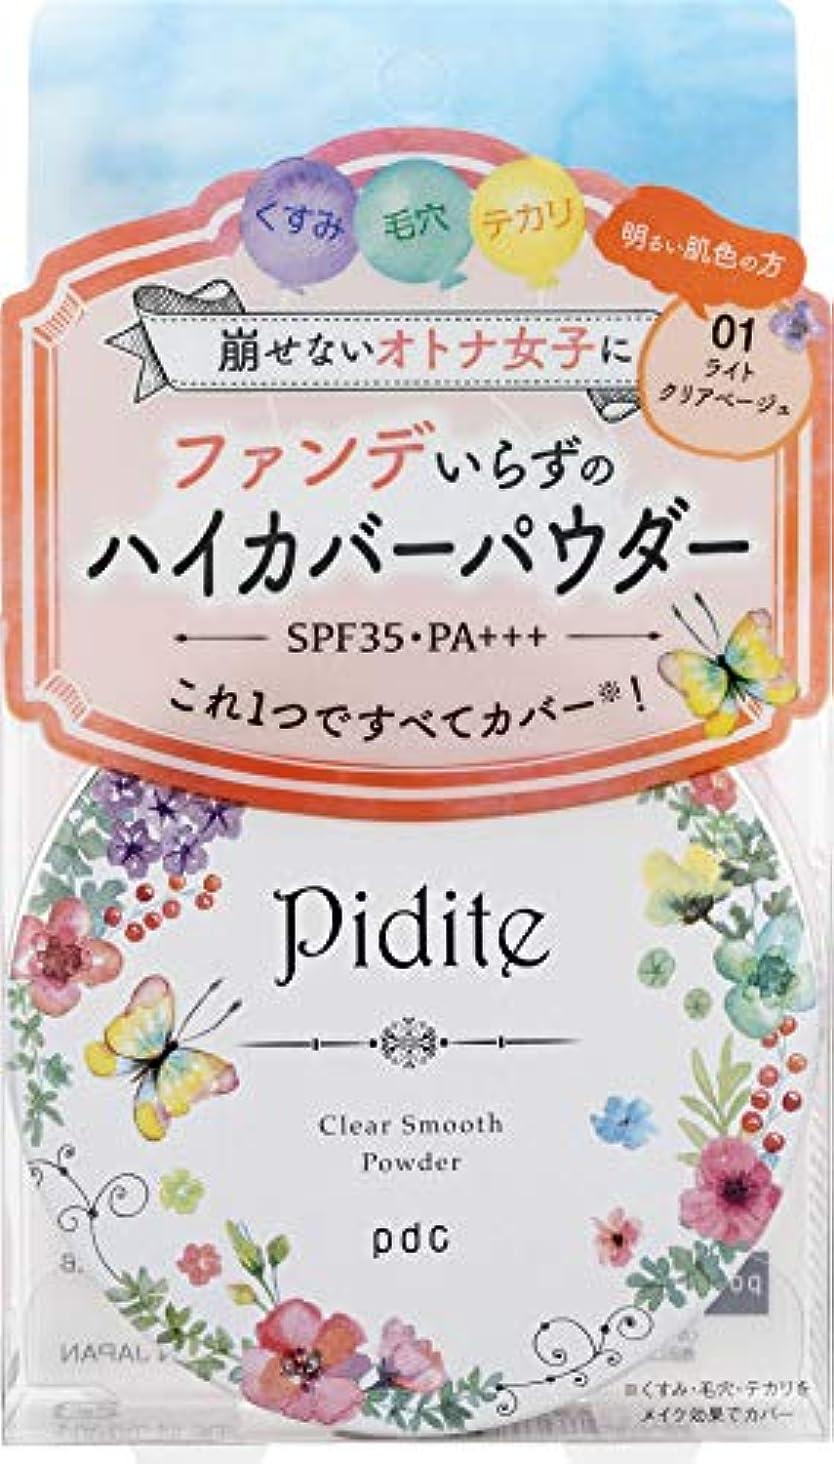 煩わしい七面鳥鼻pidite(ピディット) ピディットクリアスムースパウダー LB ライトクリアベージュ 22g